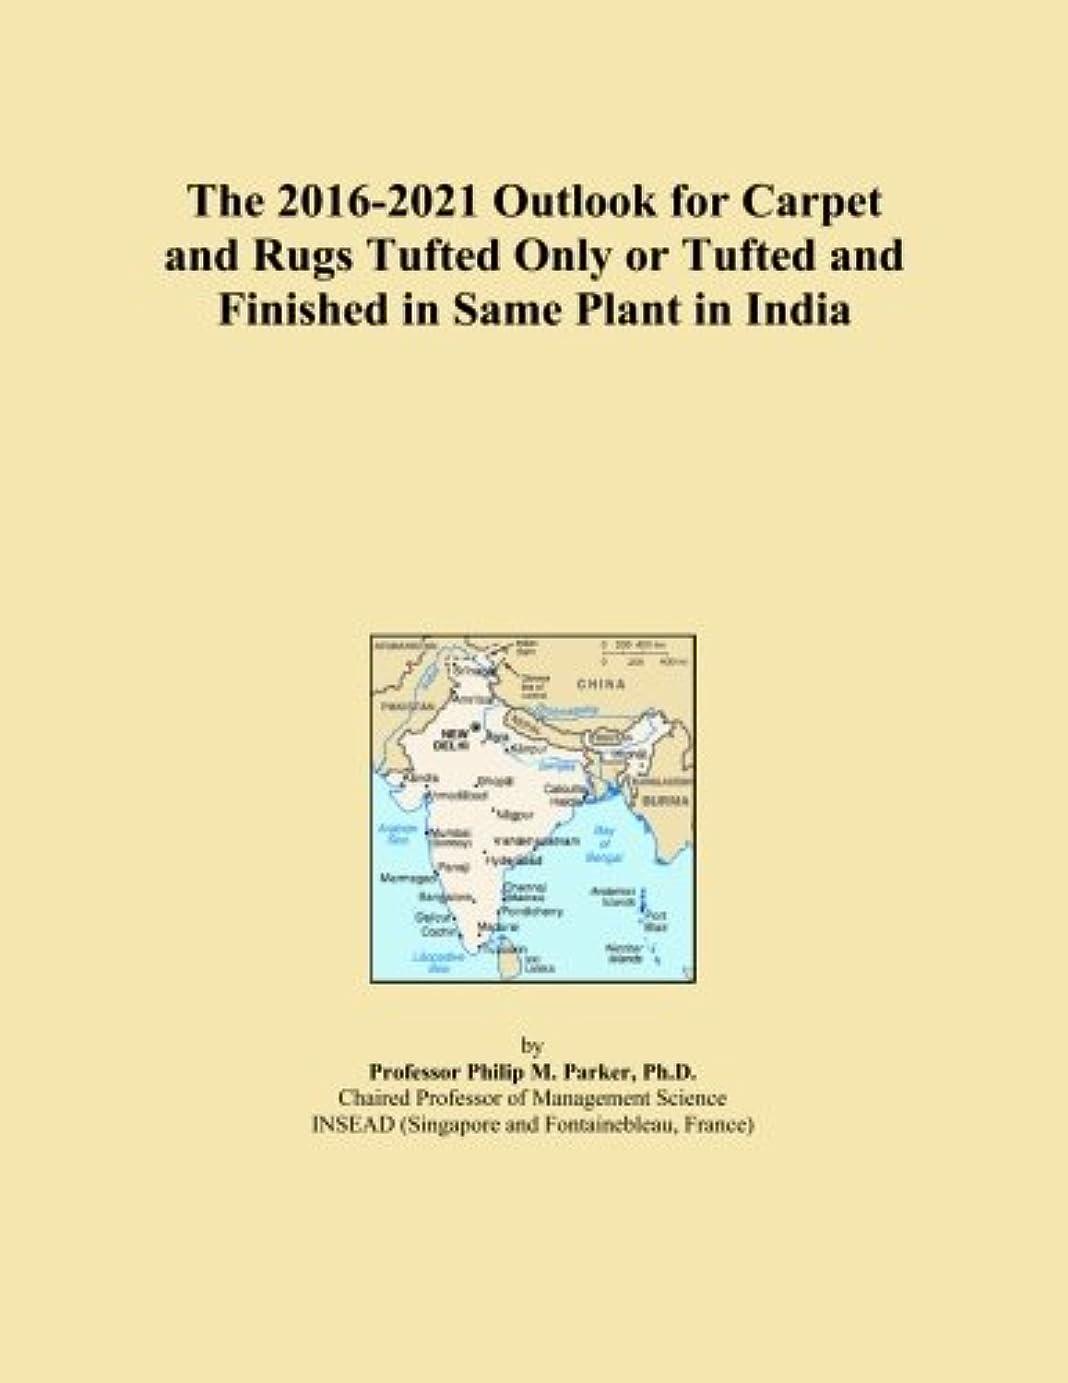 バイパス蒸発する神話The 2016-2021 Outlook for Carpet and Rugs Tufted Only or Tufted and Finished in Same Plant in India